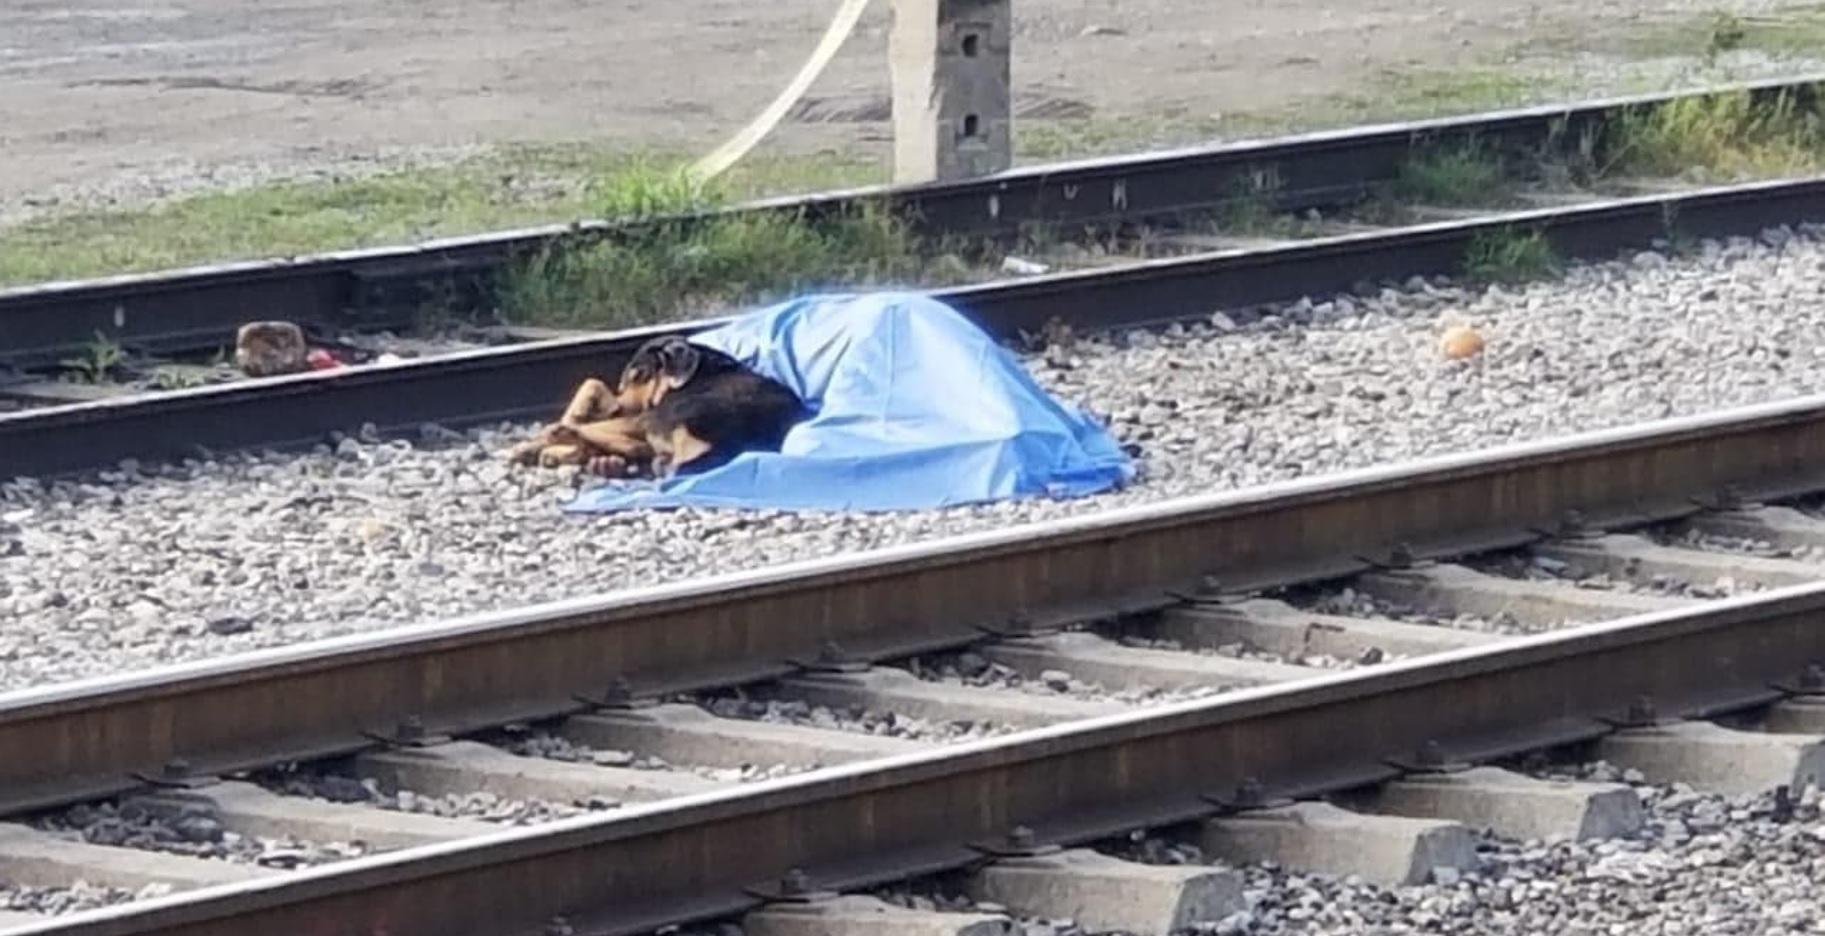 Un hombre de 57 años fue arollado por el tren en la Vía Tampico y calle Escobedo, en el Barrio La Estación, en Montemorelos, Nuevo León, sin embargo el perro fiel no quertía separarse de su lado a pesar de que había muerto Foto: (Facebook)